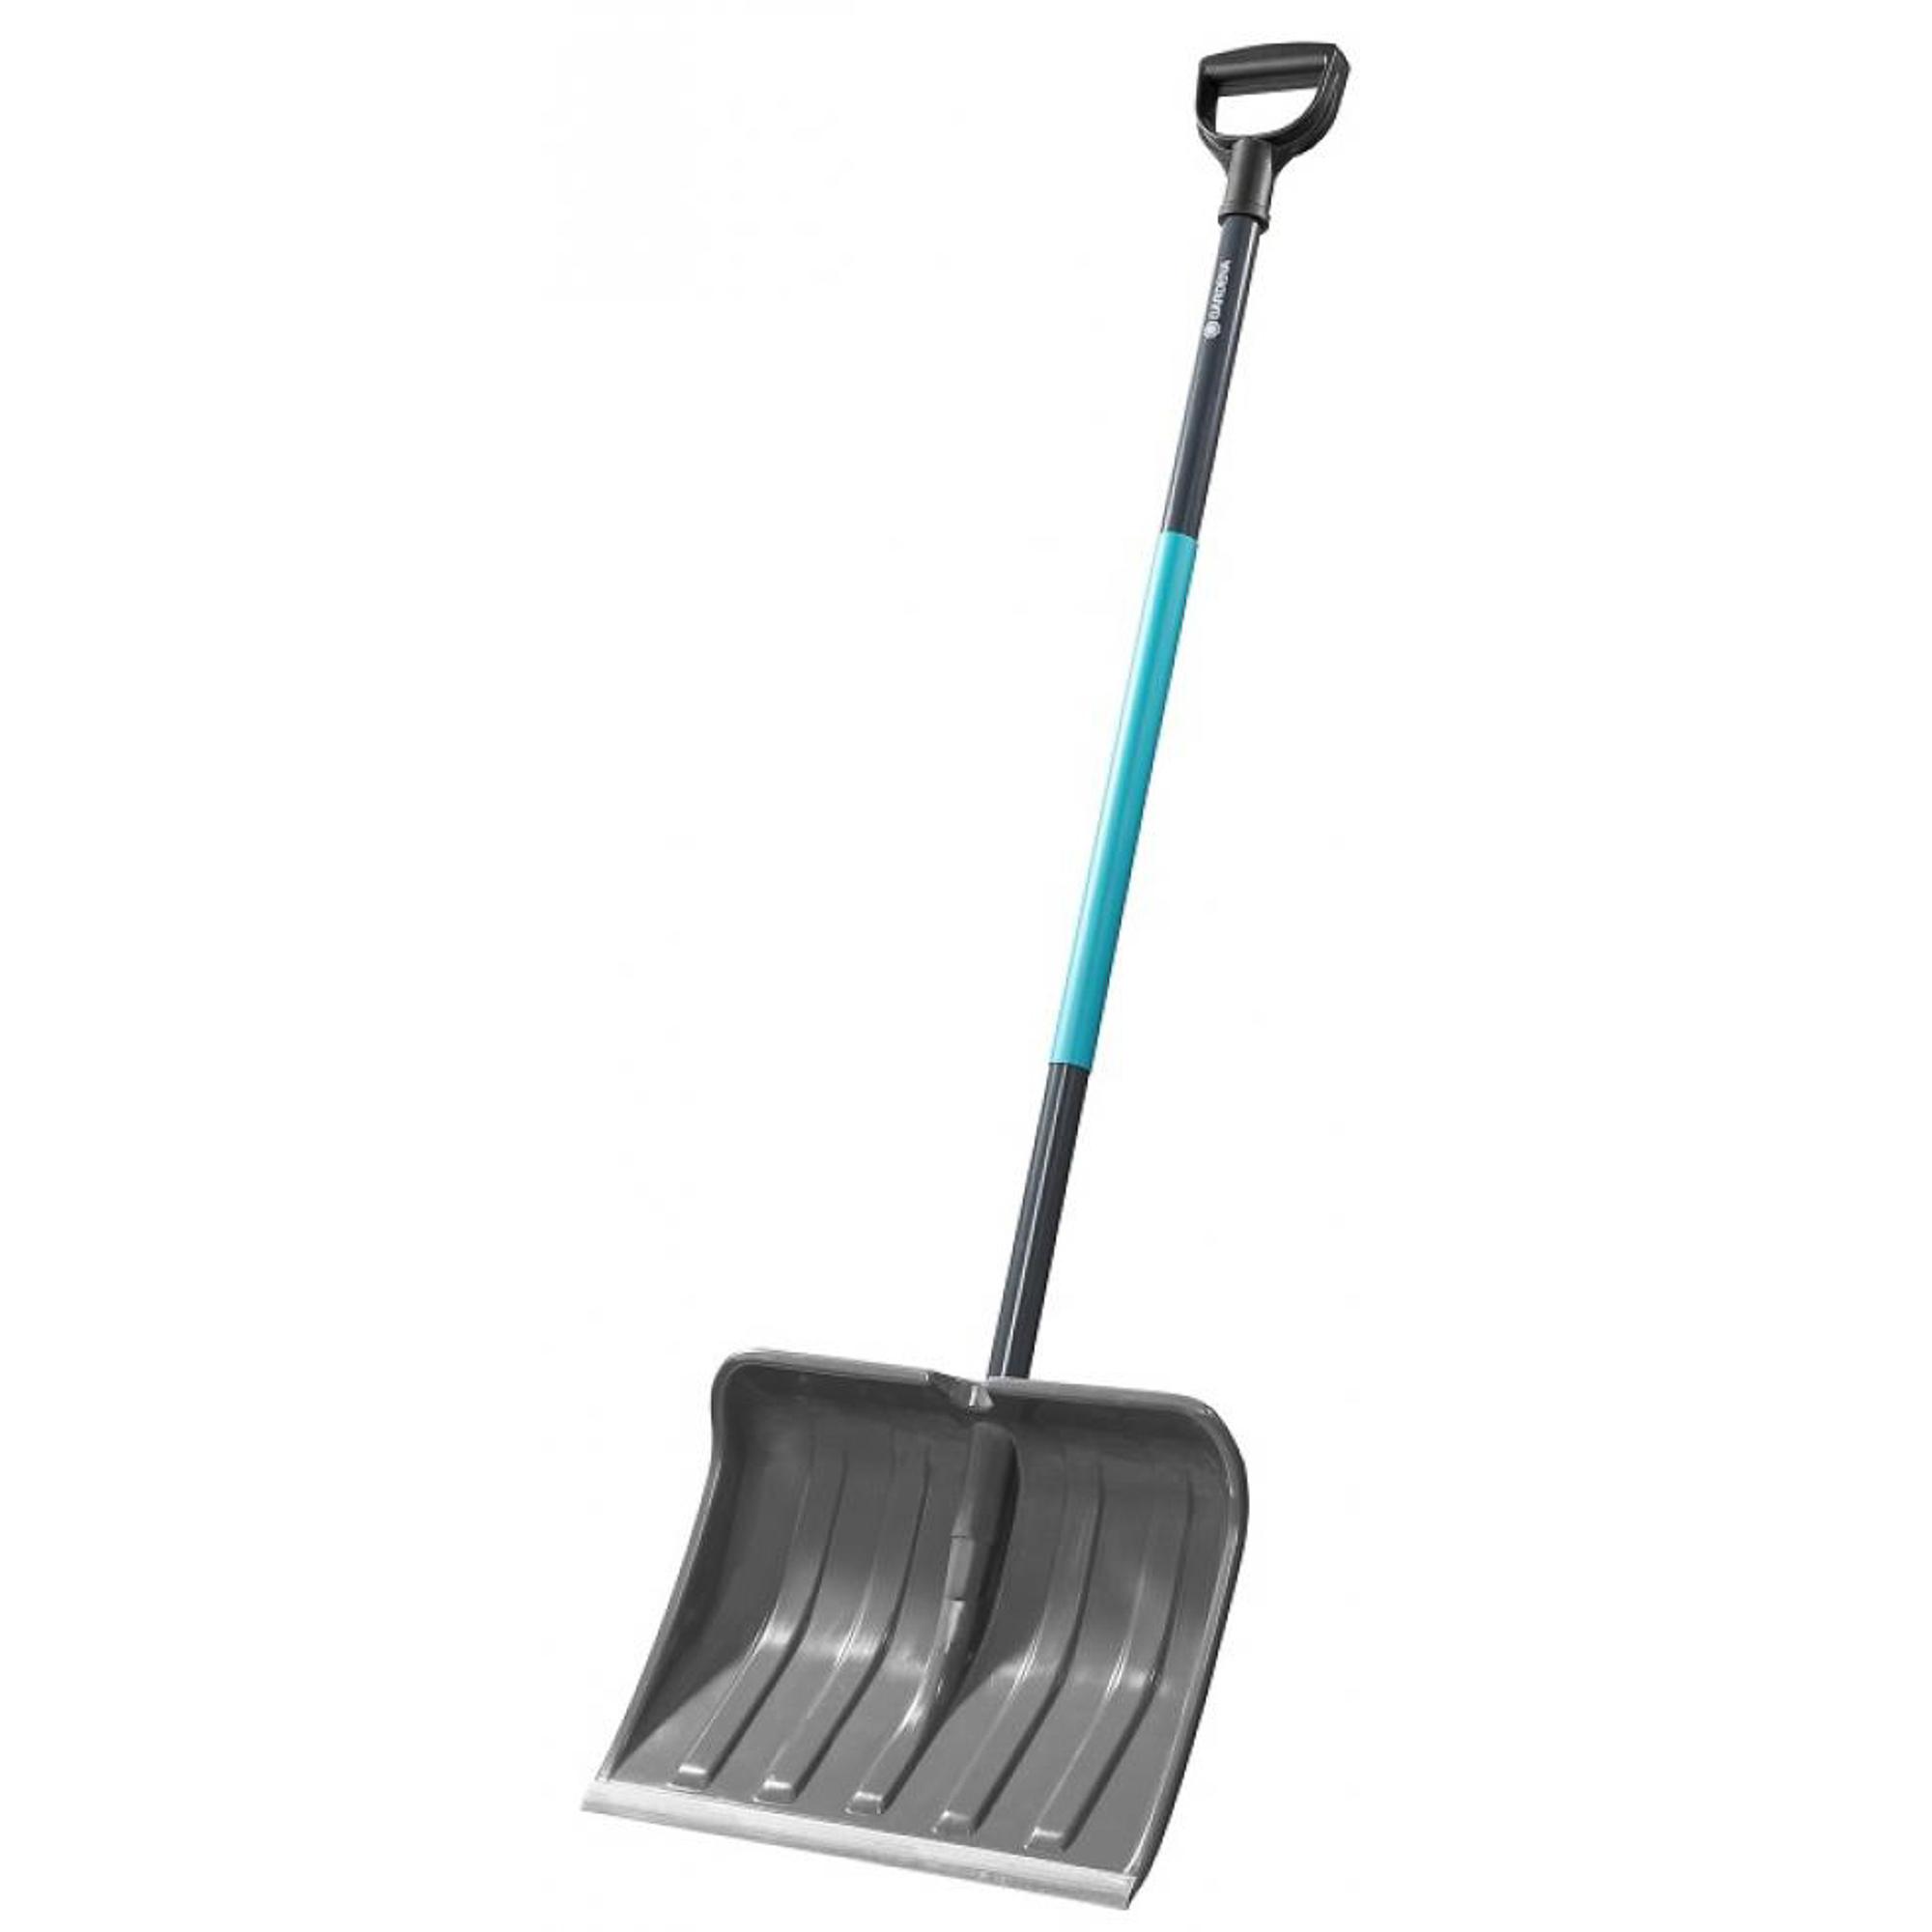 Лопата для уборки снега Gardena classicline 40 см фото